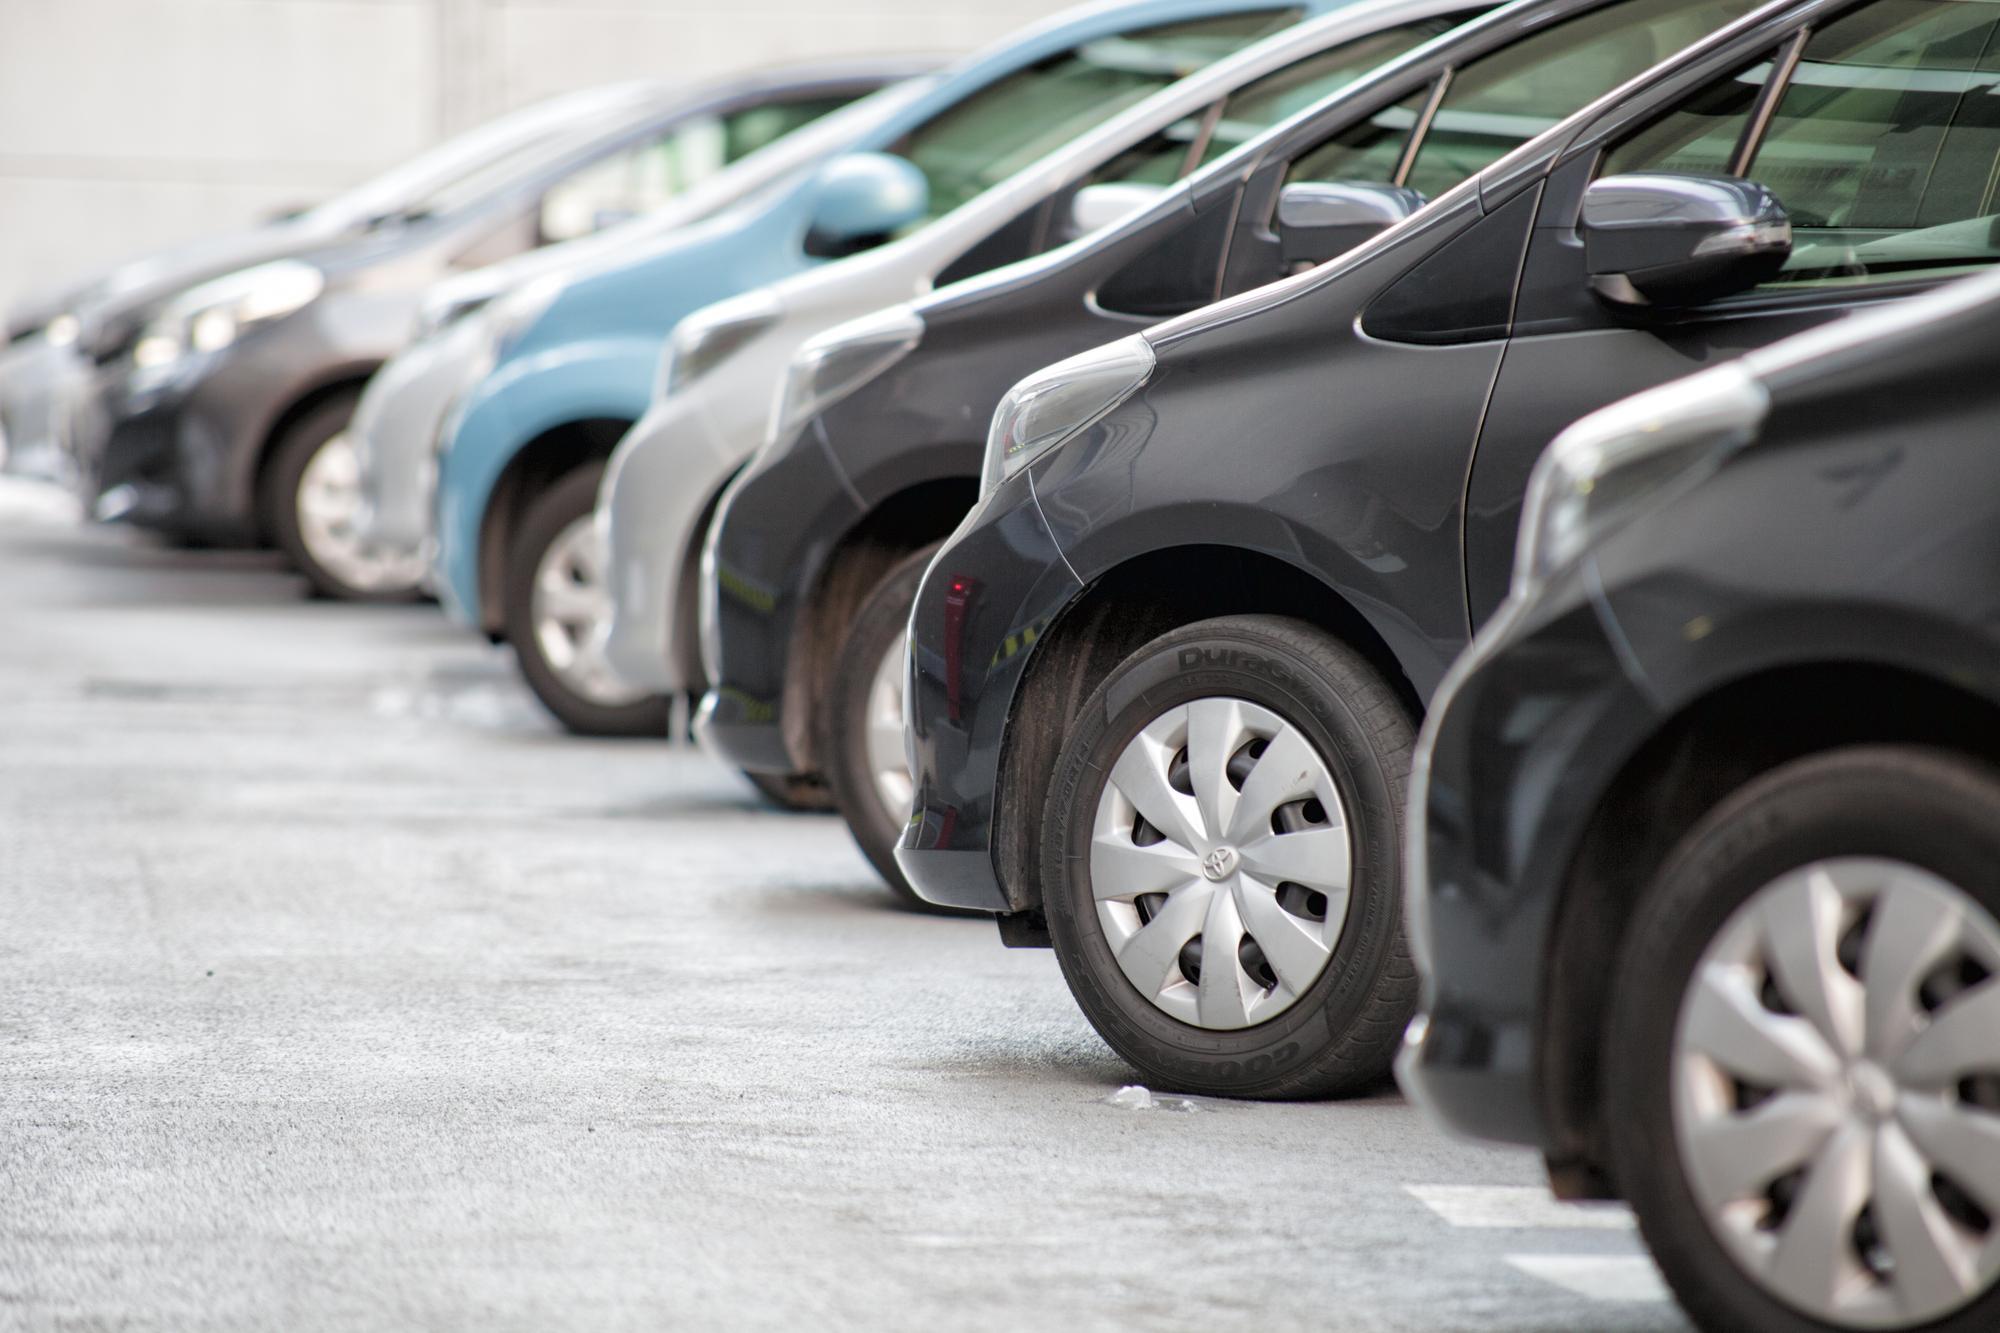 シェアリングエコノミーに新たな風 リクルートが新サービスで駐車場シェアへ参入